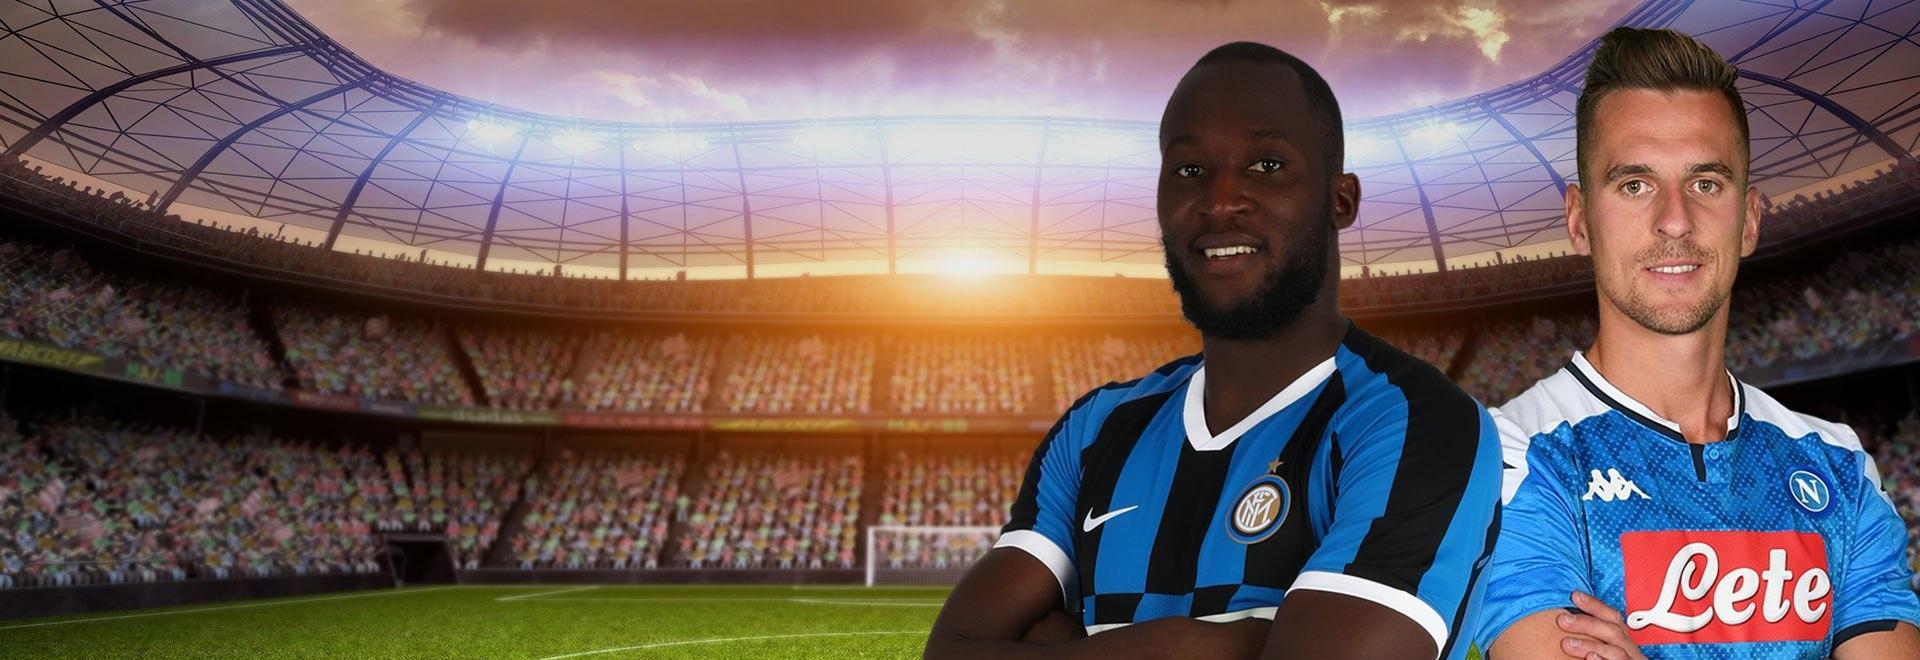 Inter - Napoli. 37a g.